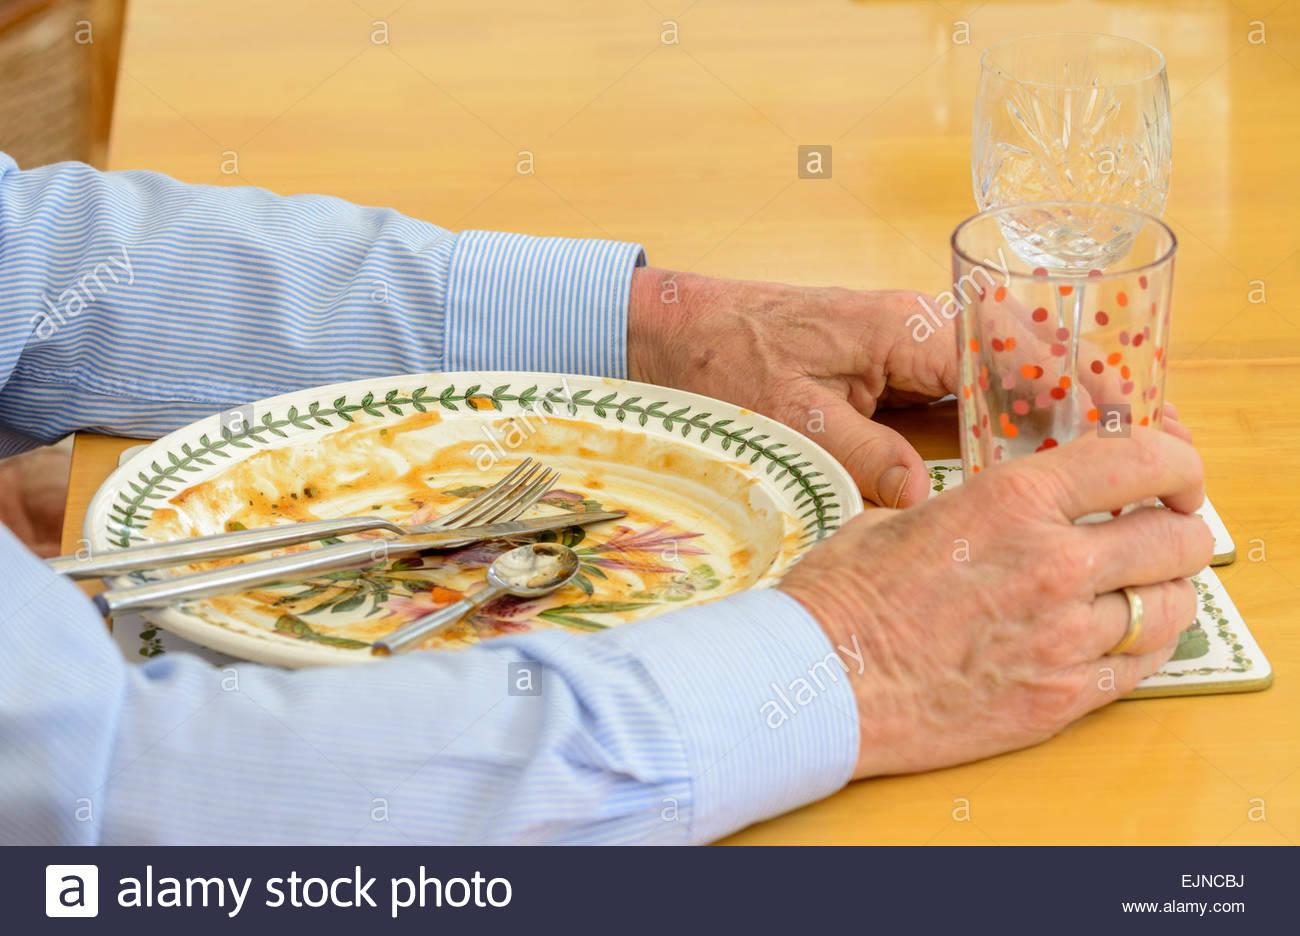 Uomo seduto con un vuoto piastra cena, coltello, forchetta e bicchieri, dopo la rifinitura di un pasto. Immagini Stock